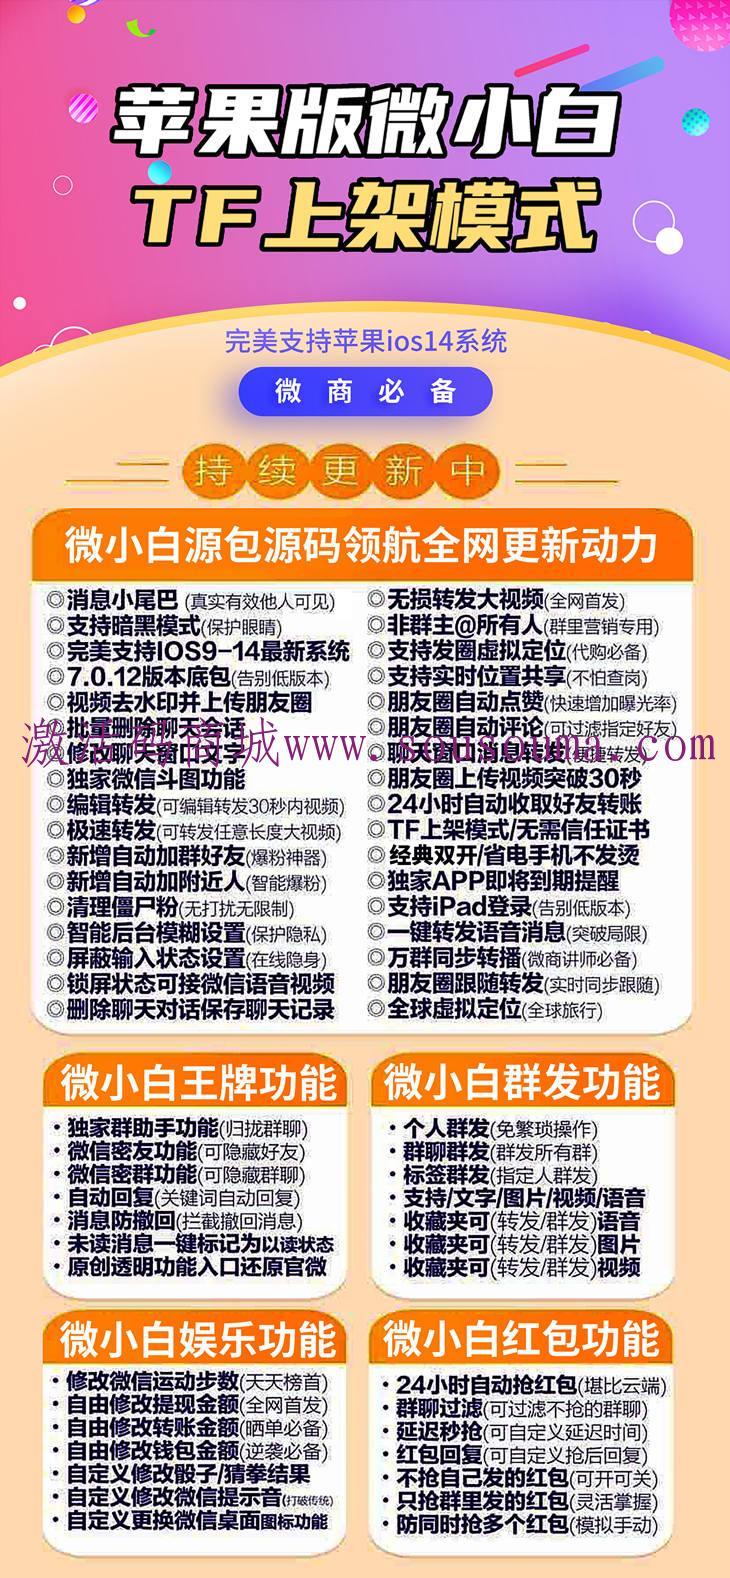 【微小白官网】蓝微同款一码双开支持ipad上使用多开分身消息小尾巴激活码授权